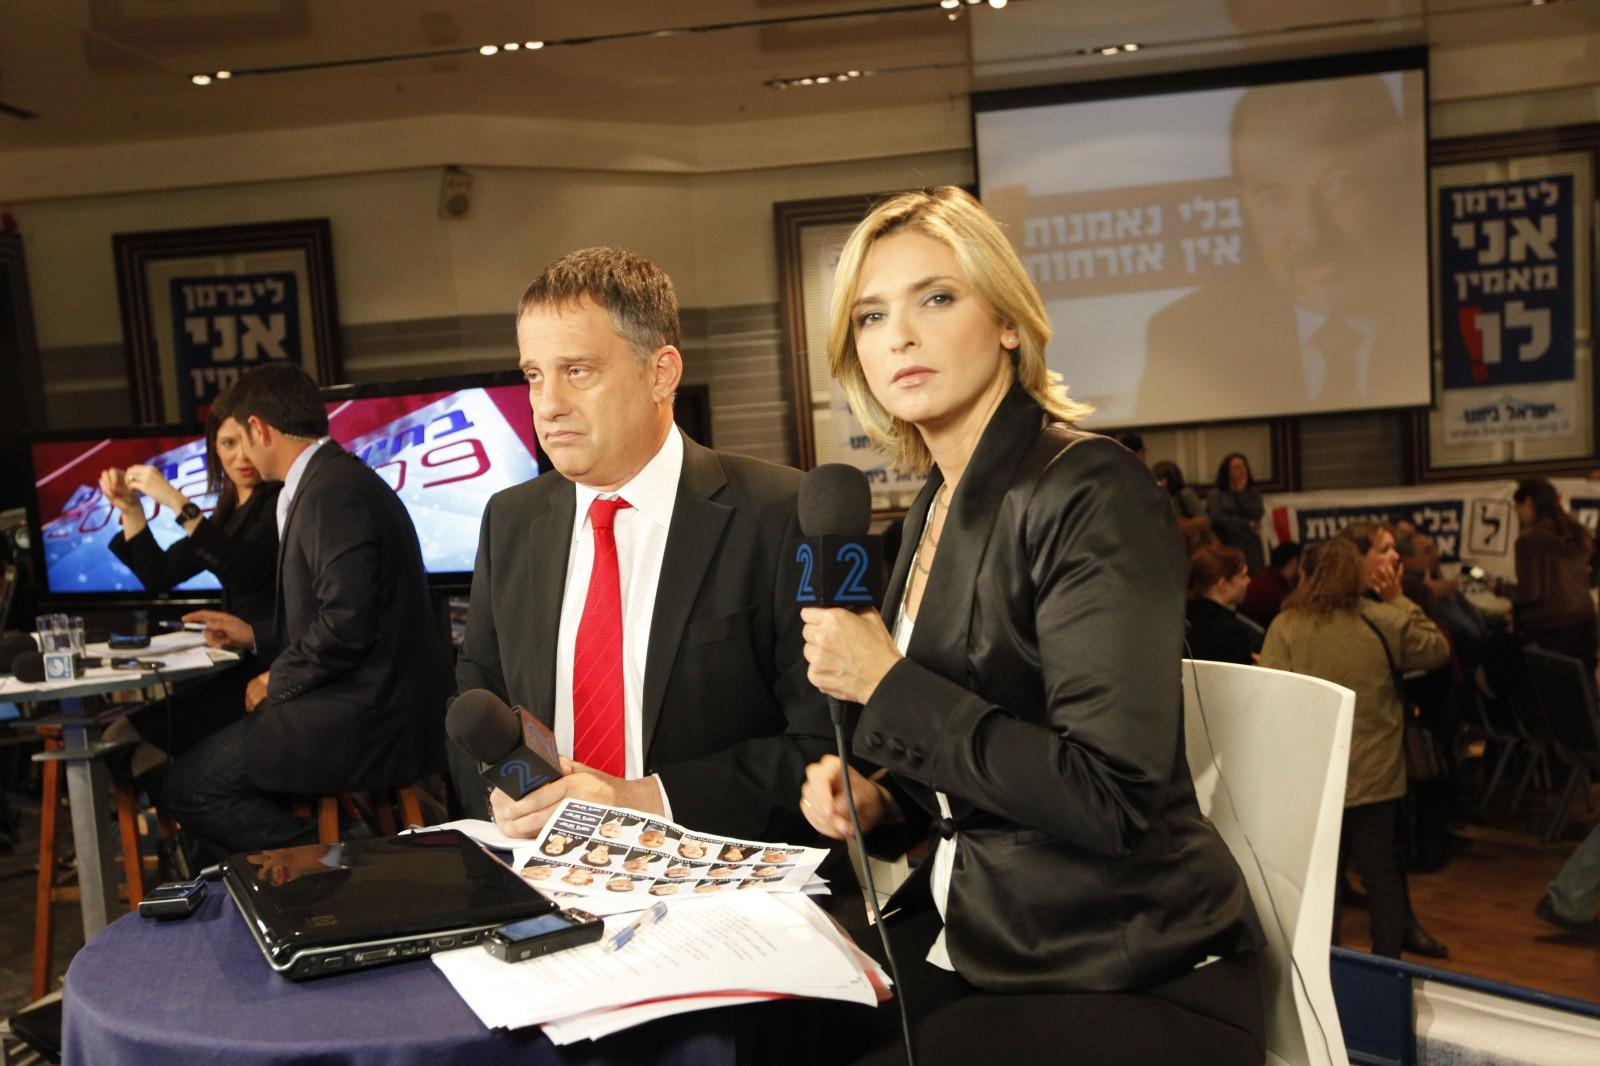 עמנואל רוזן ודנה וייס, ערוץ 2, מחכים לתוצאות בחירות 2009 (צילום: נתי שוחט)